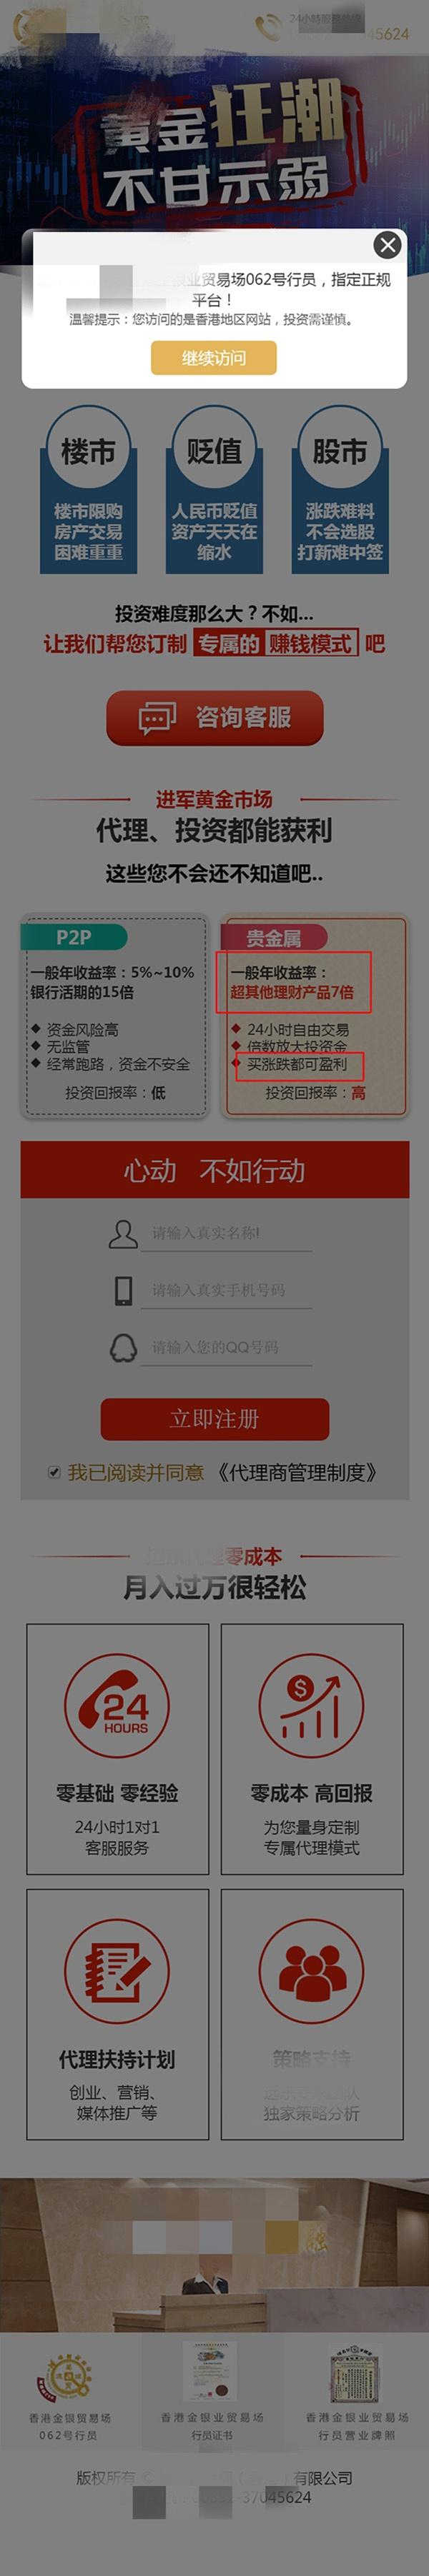 上海9部门共治金融广告:没有金融从业资质不得发布